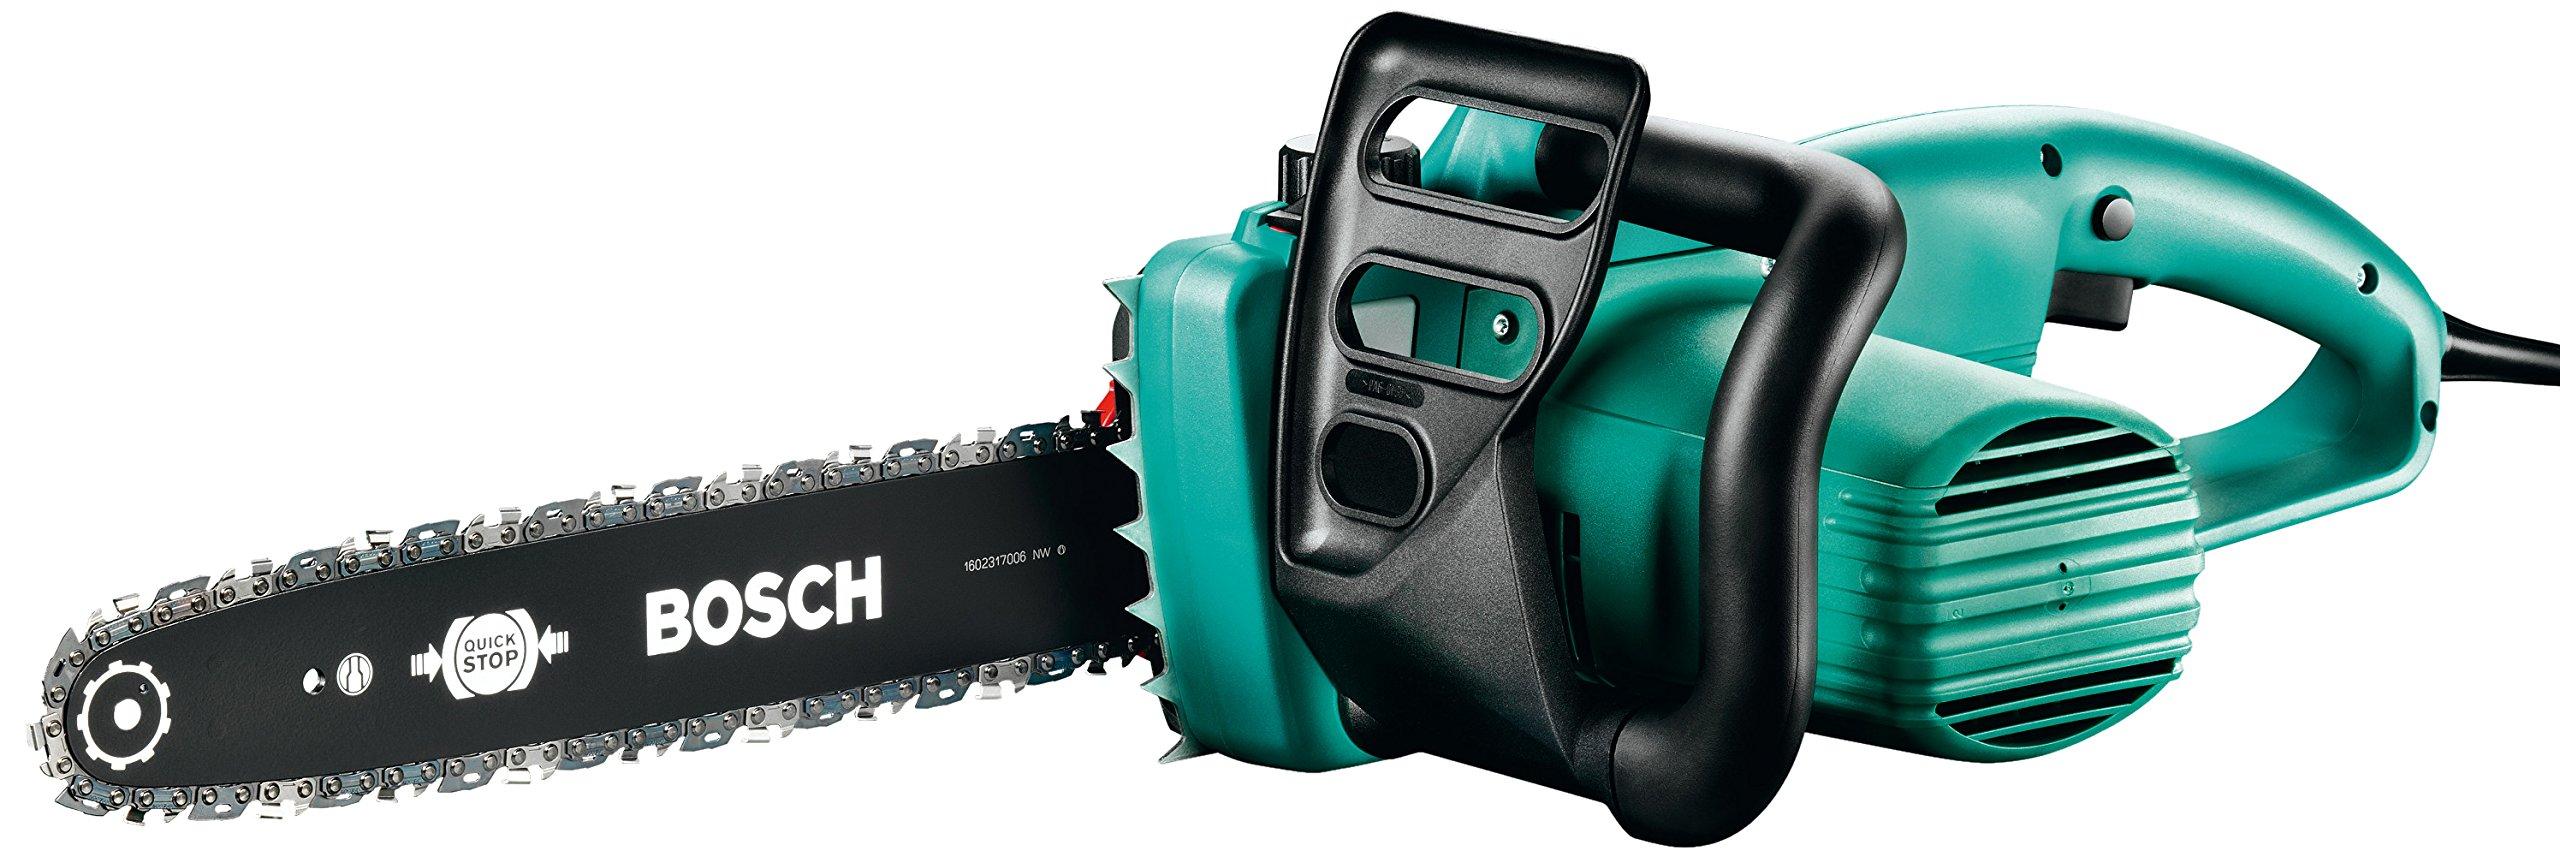 Bosch 910030973 Motosierra eléctrica AKE 35-19 S 1900 W, velocidad de la cadena